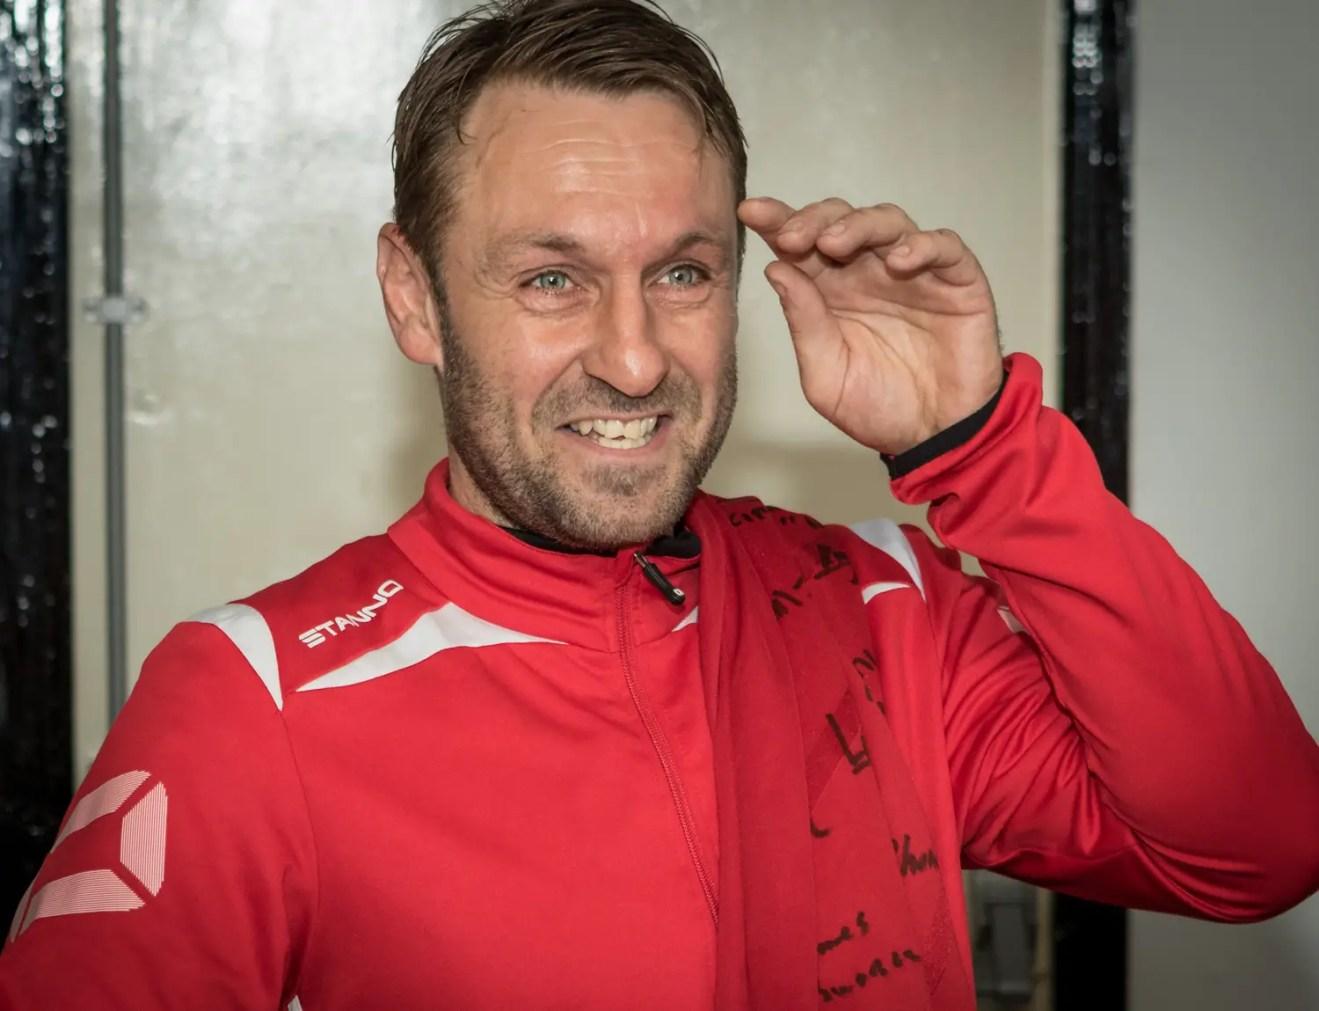 Bracknell Town assistant manager Steve Nebbett. Photo: Neil Graham.